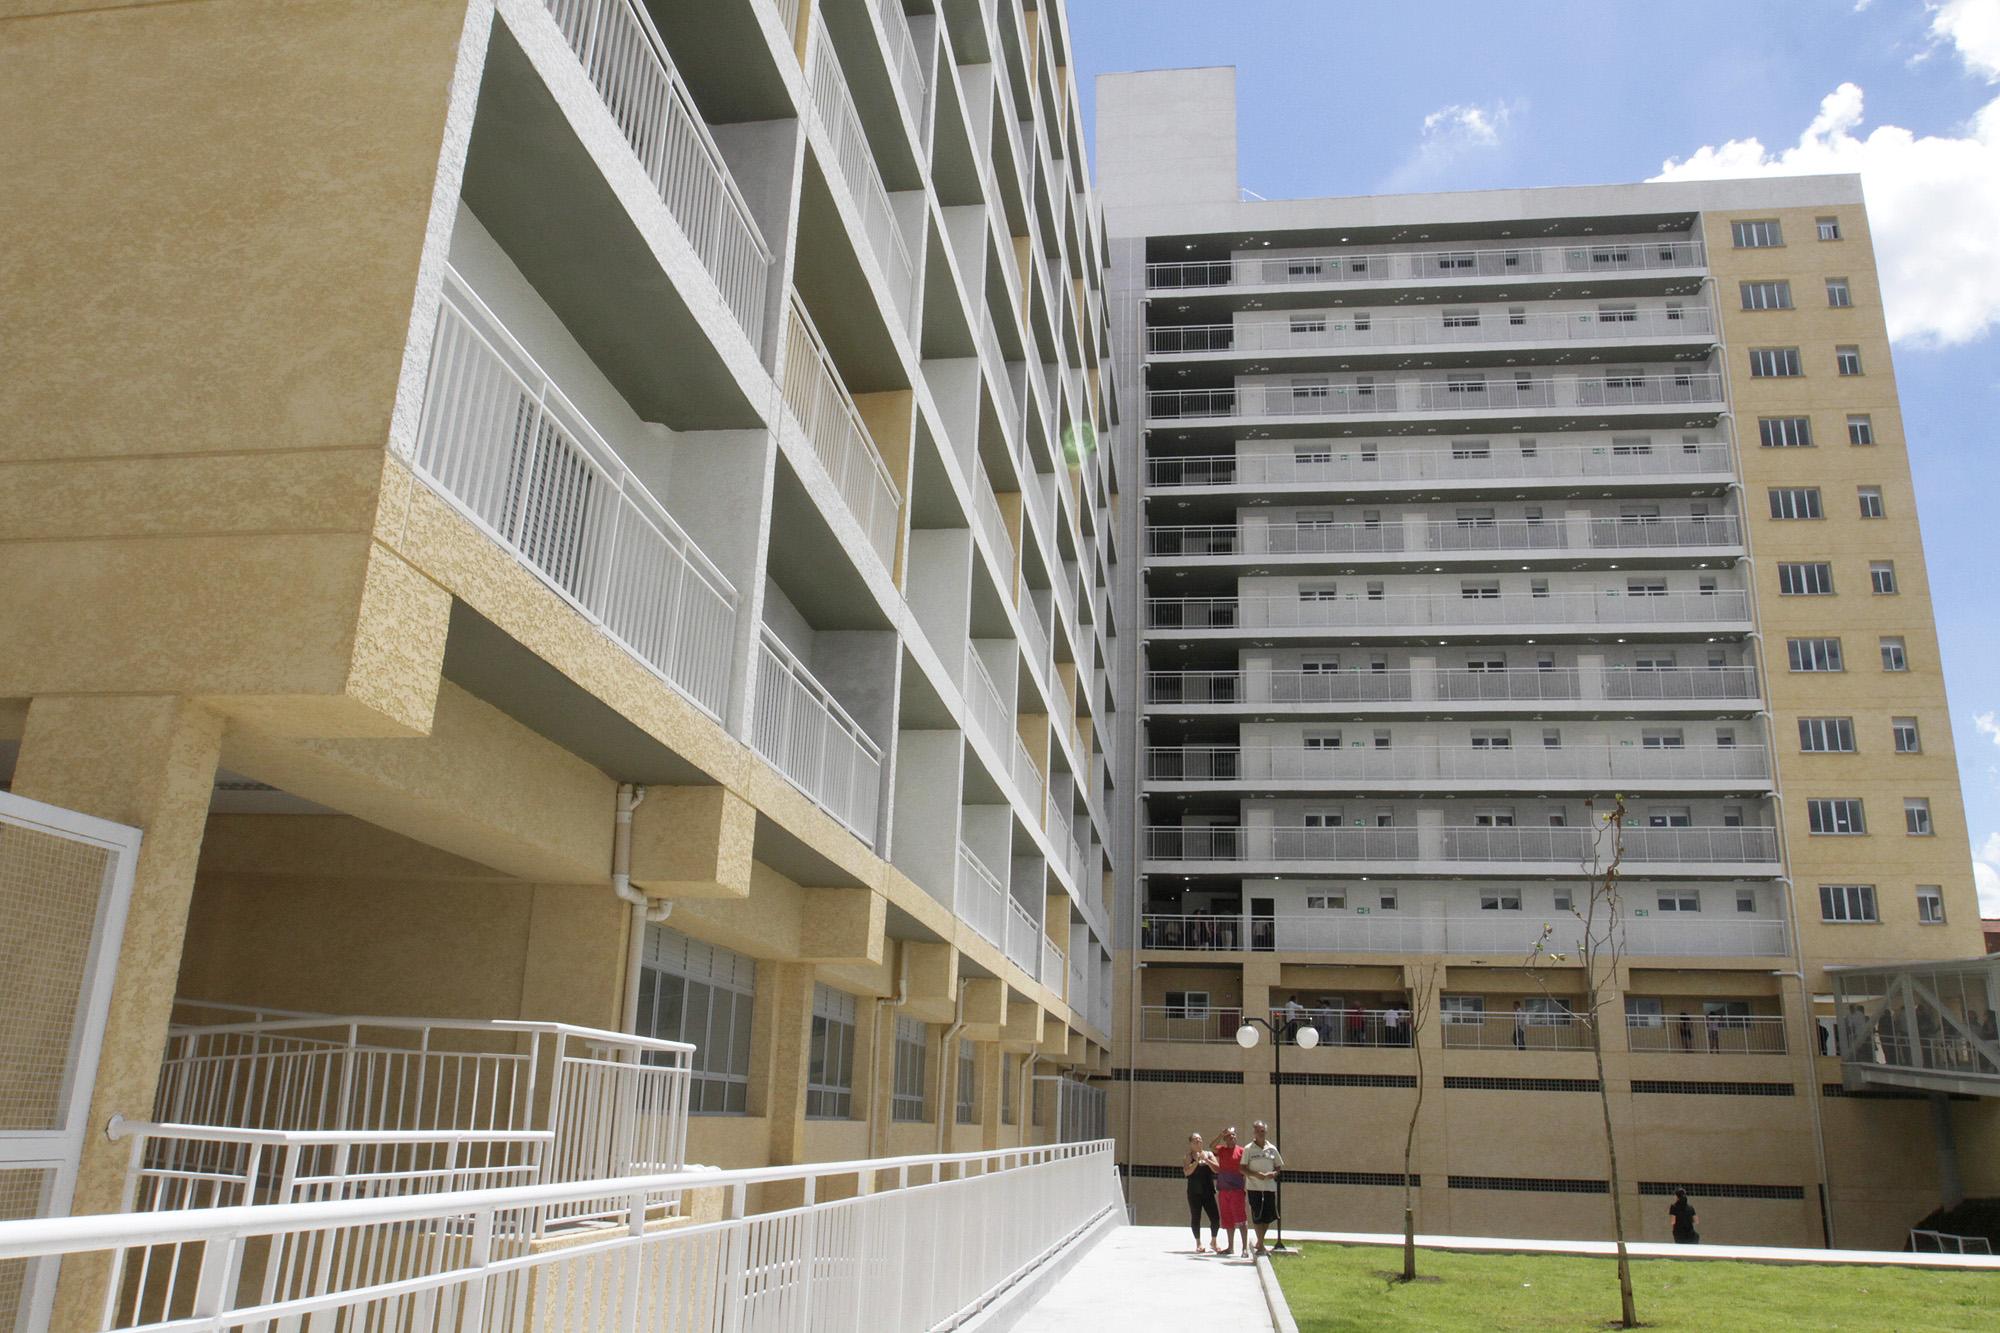 Habitações de Interesse Popular estão inseridas no projeto, mas também têm sido construídas em ritmo lento